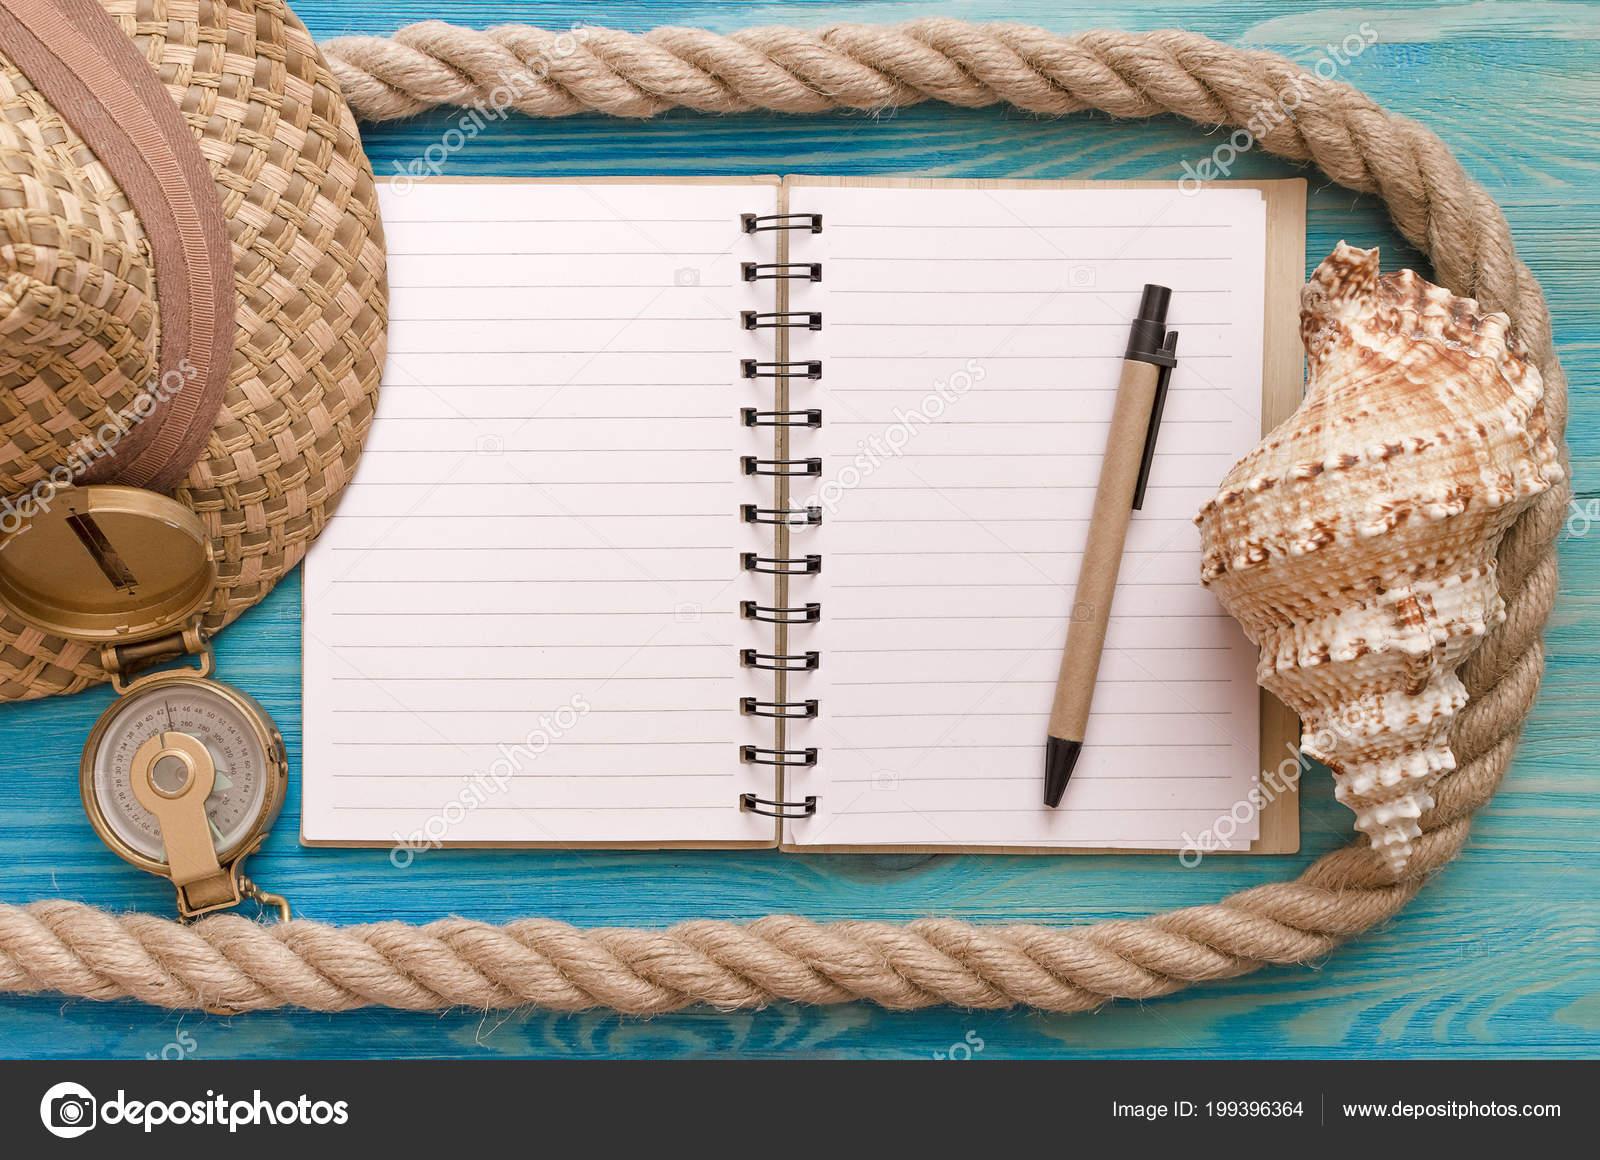 Marco Fondo Vacaciones Verano Blanco Páginas Bloc Notas Seashell ...